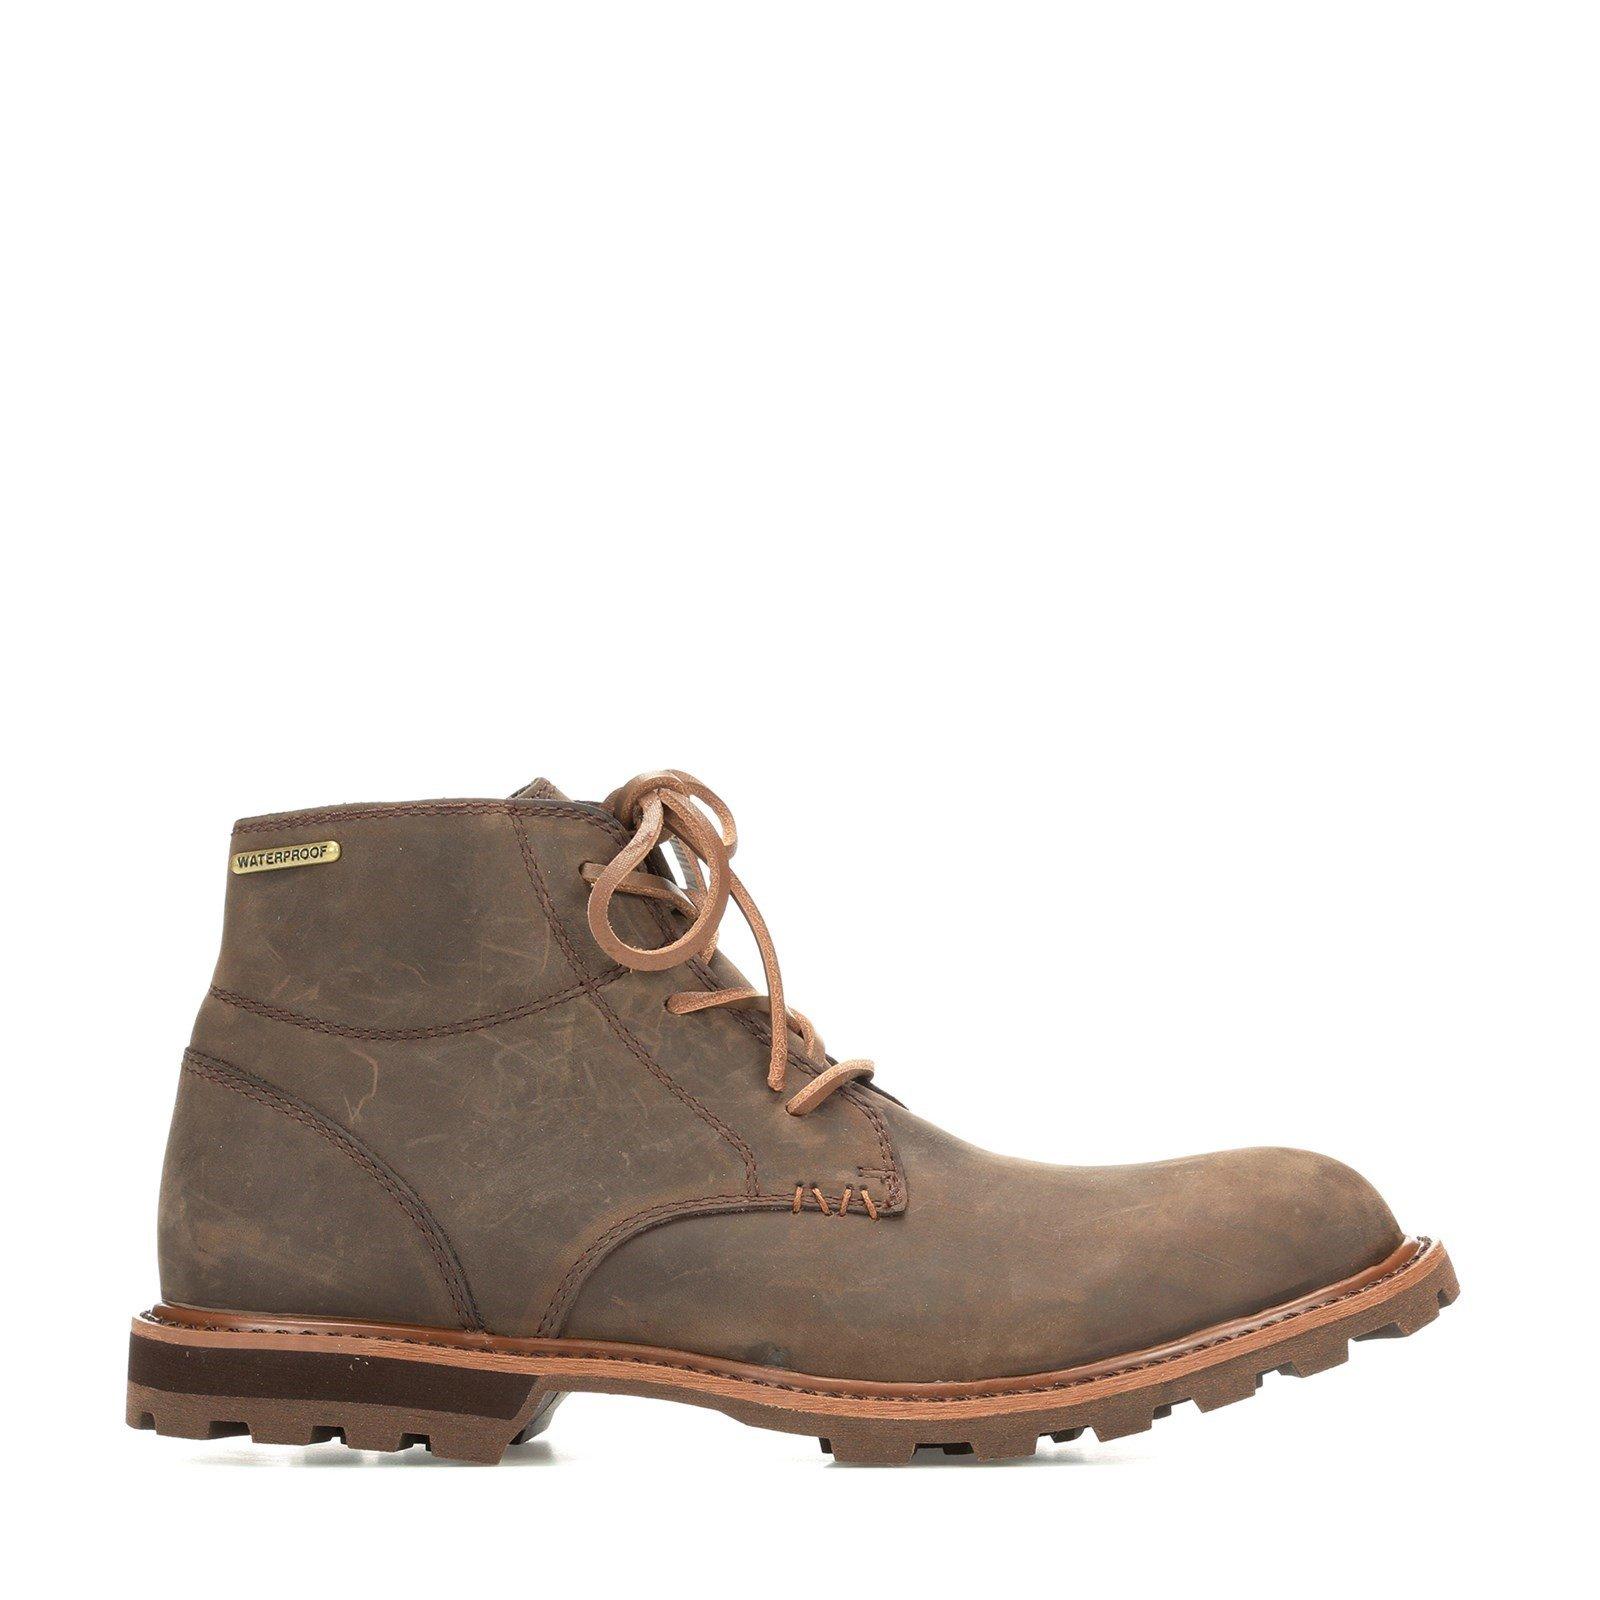 Muck Boots Men's Freeman Boot 31761 - Brown 9.5